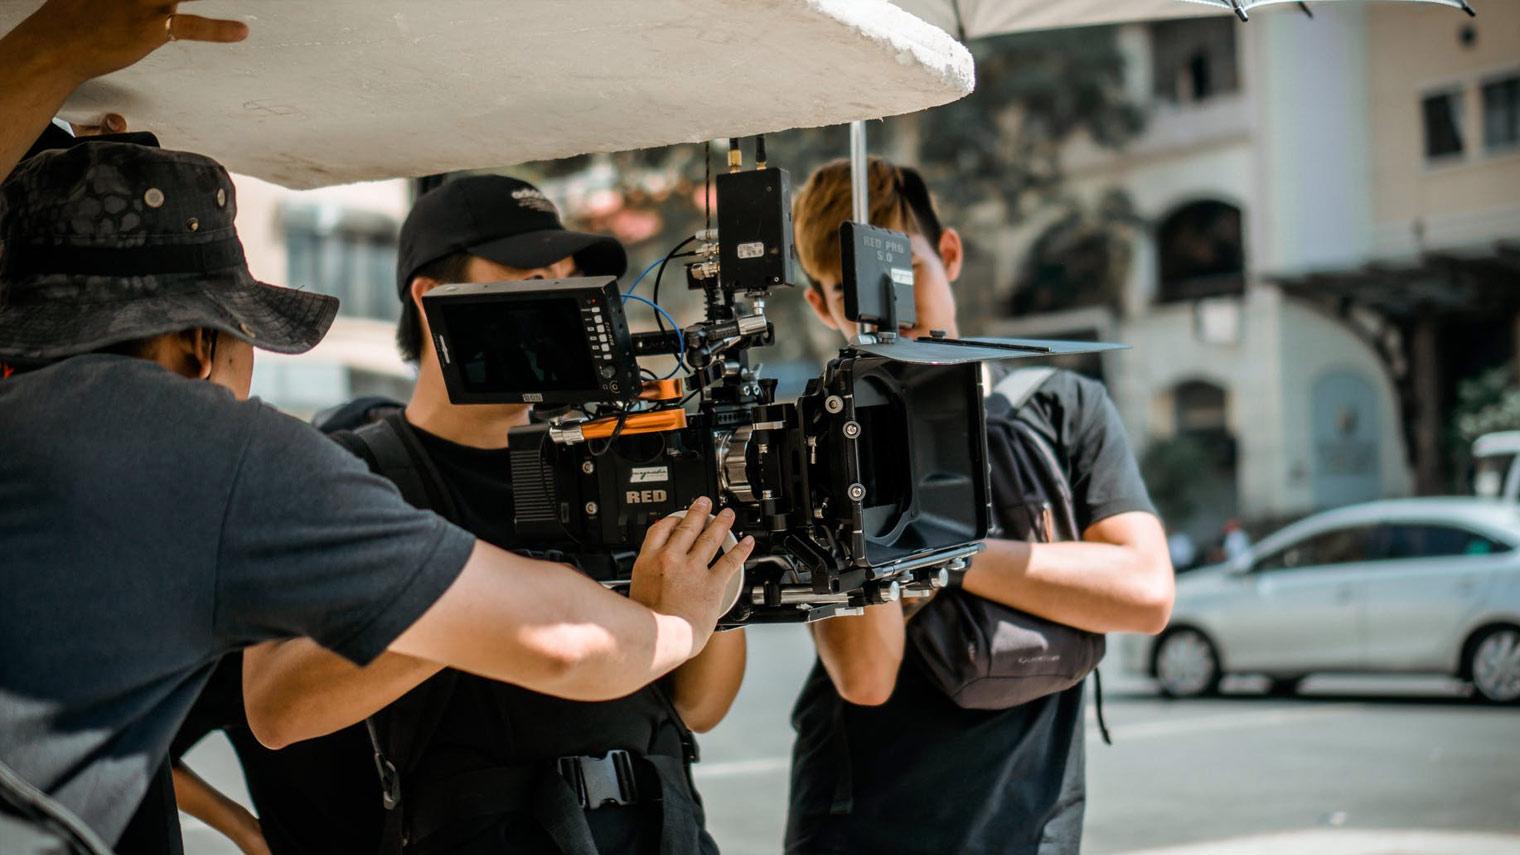 短视频创作者的困境:模仿者走红,维权成本高